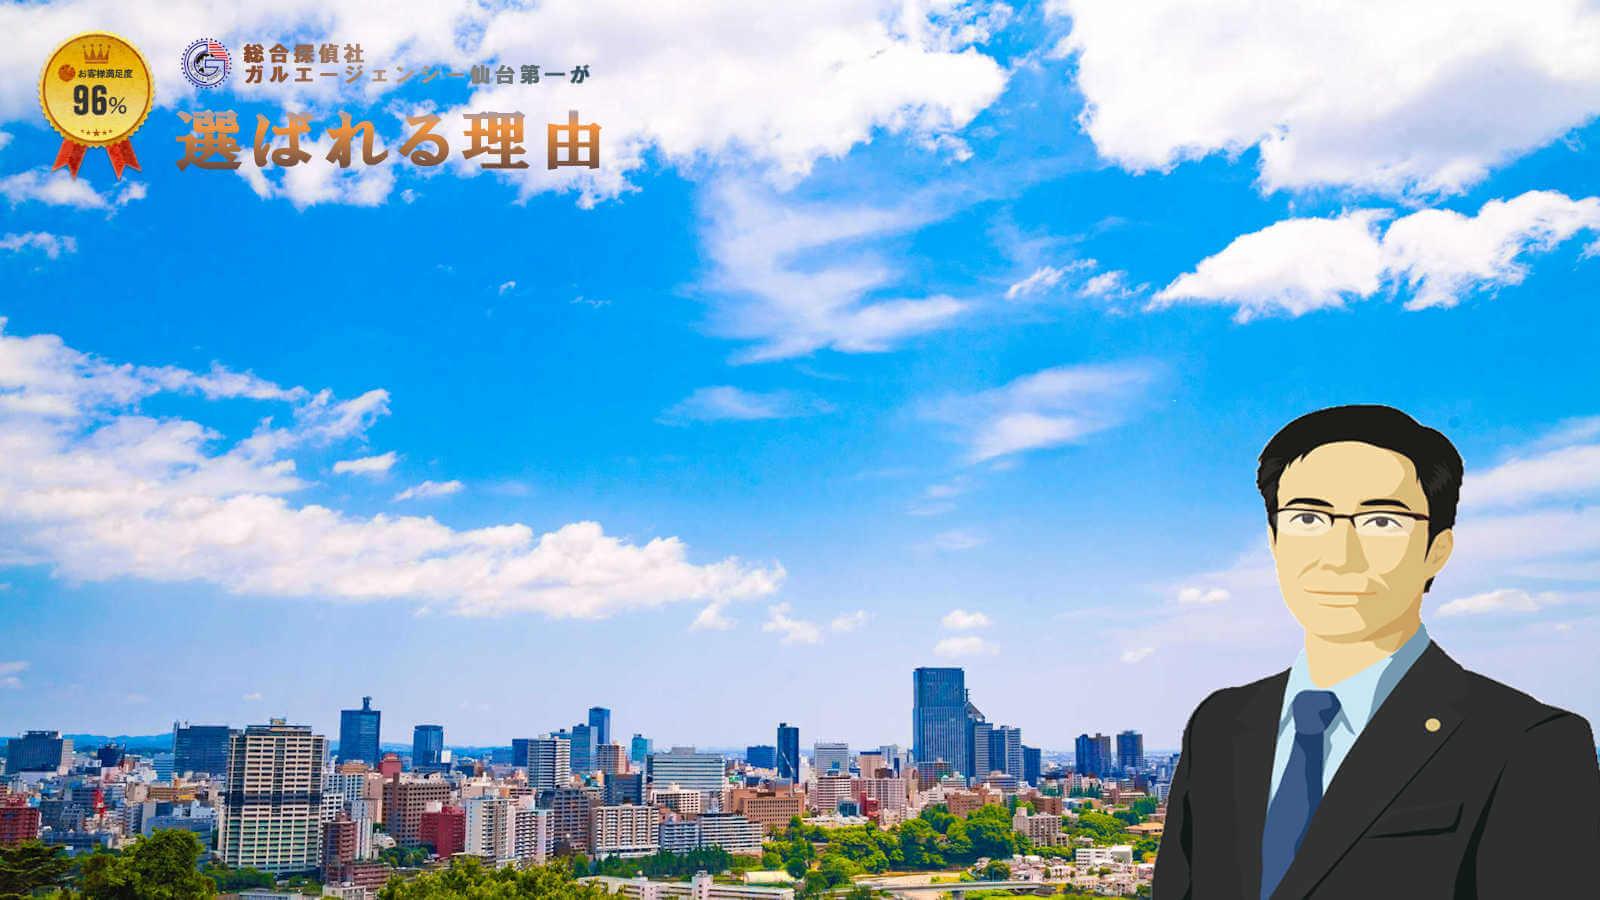 仙台の探偵社として22年の実績と信頼。